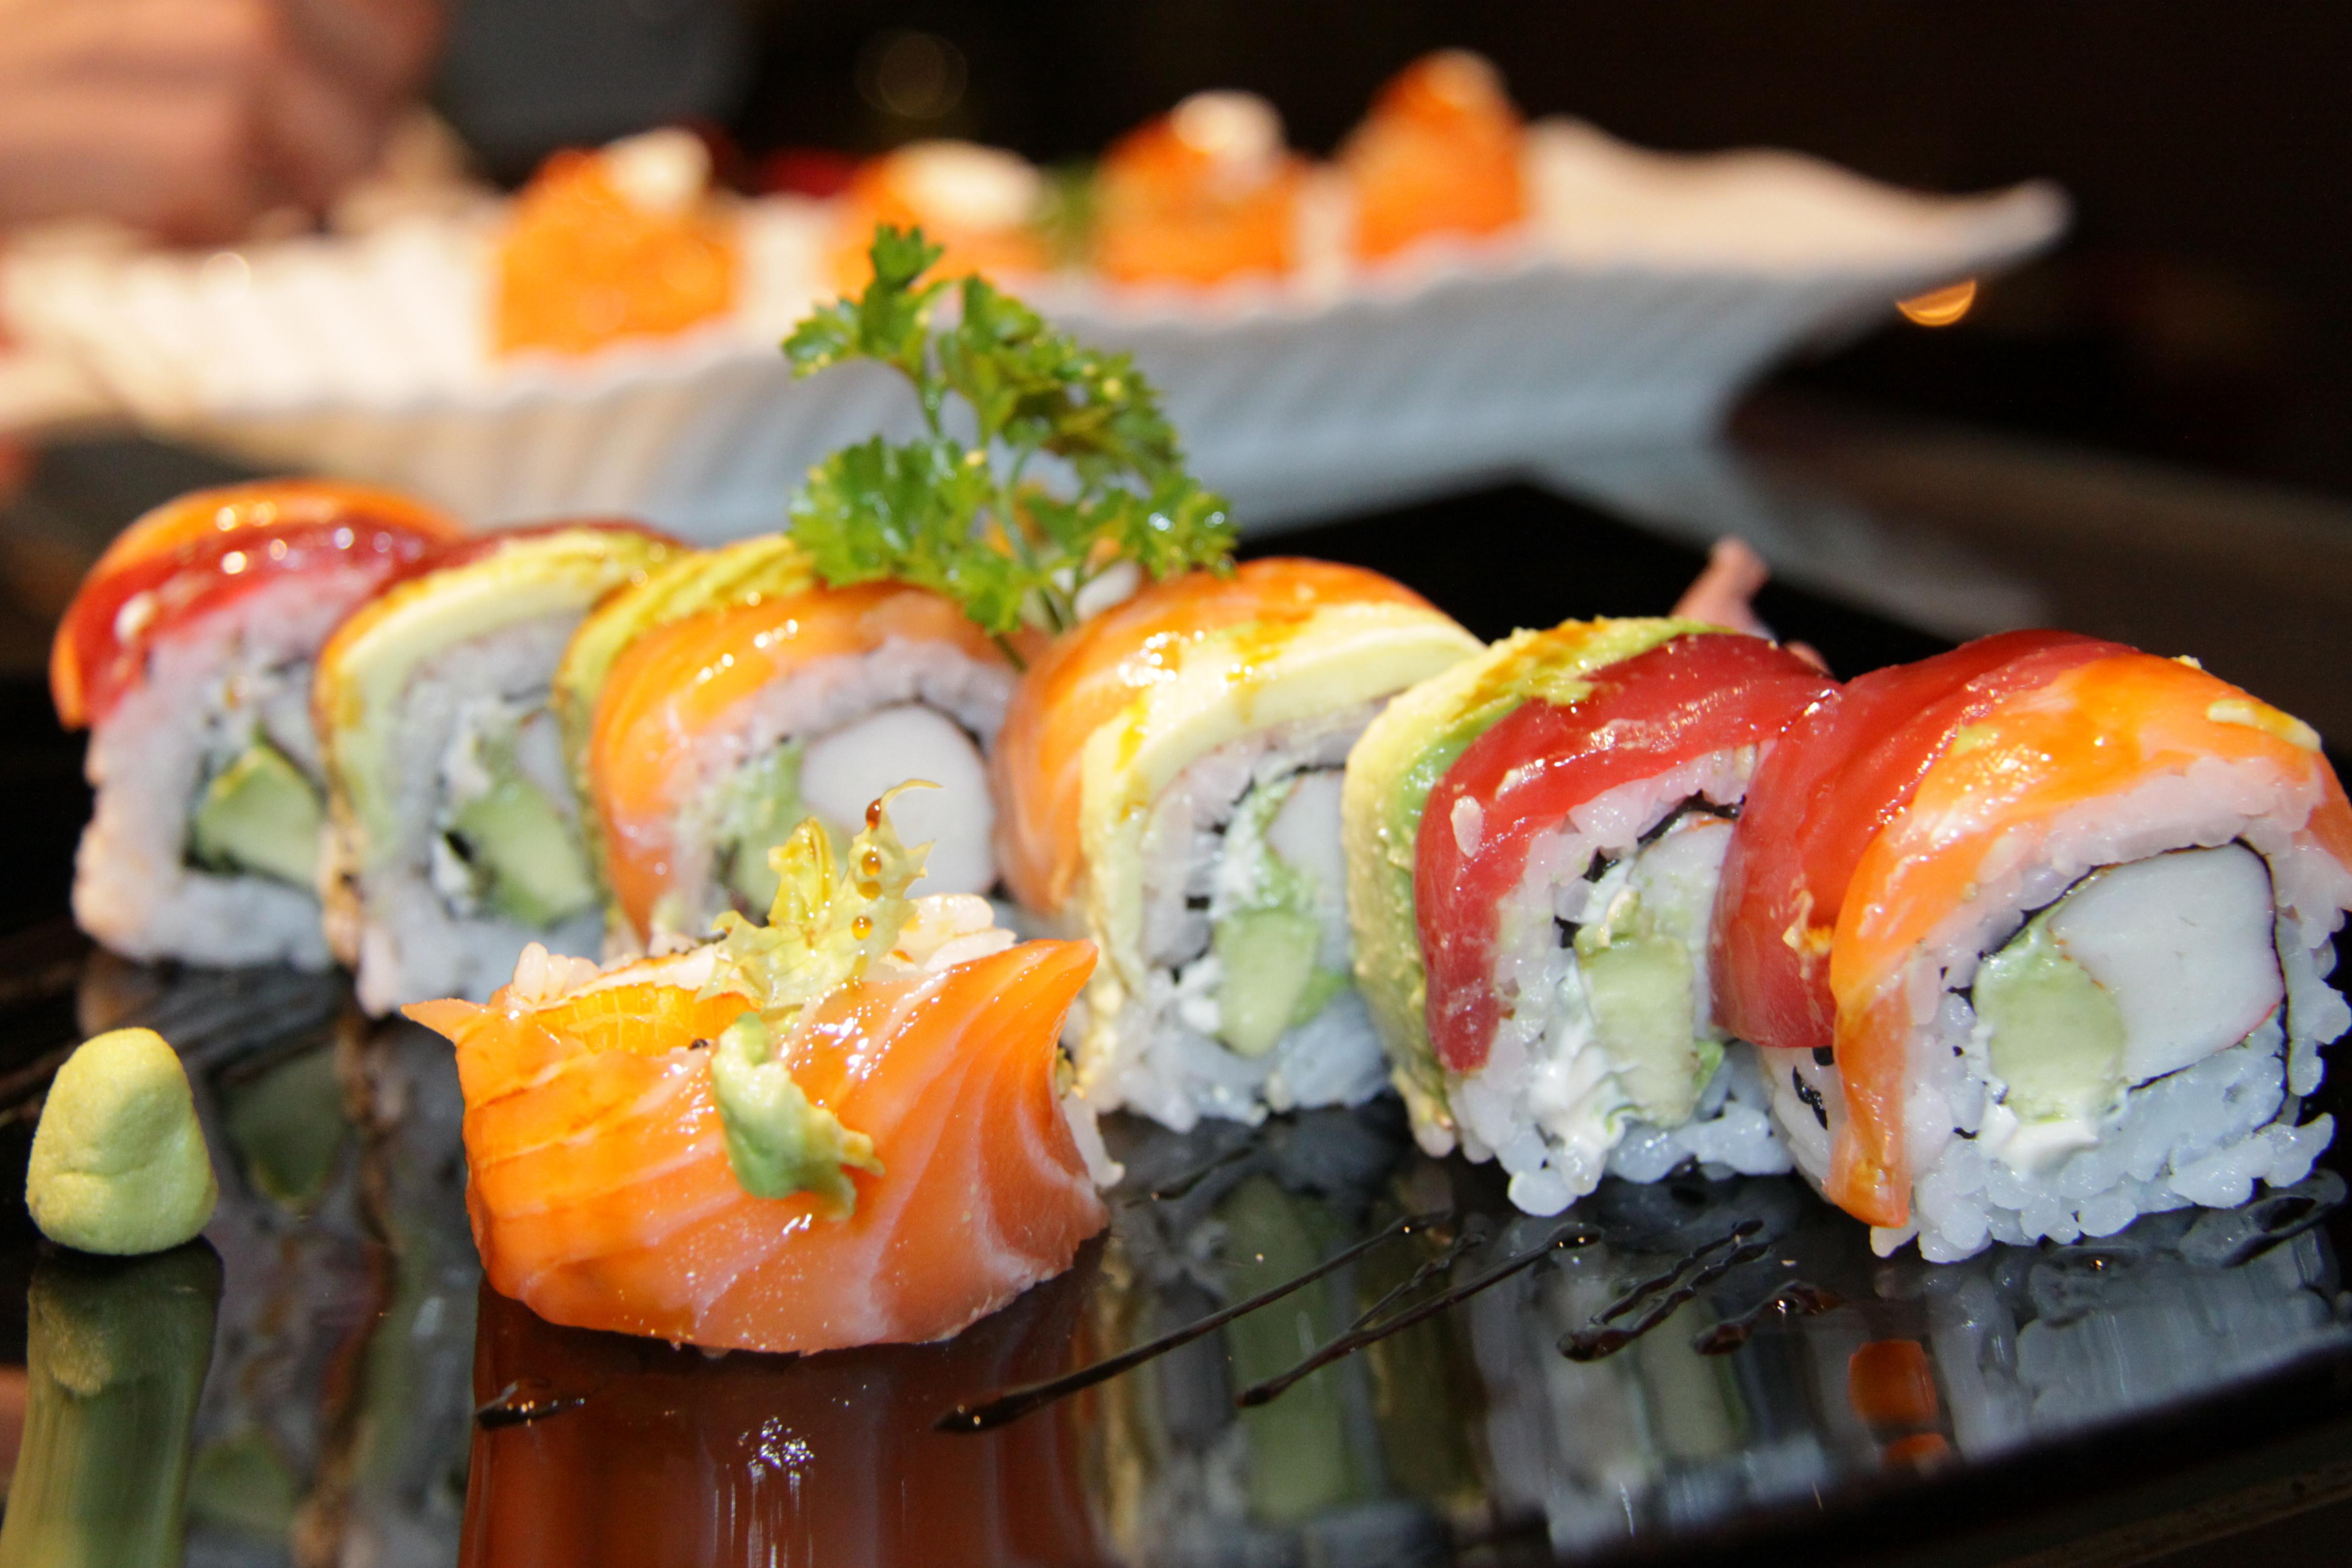 Top 5 Sushi Restaurants in Barcelona